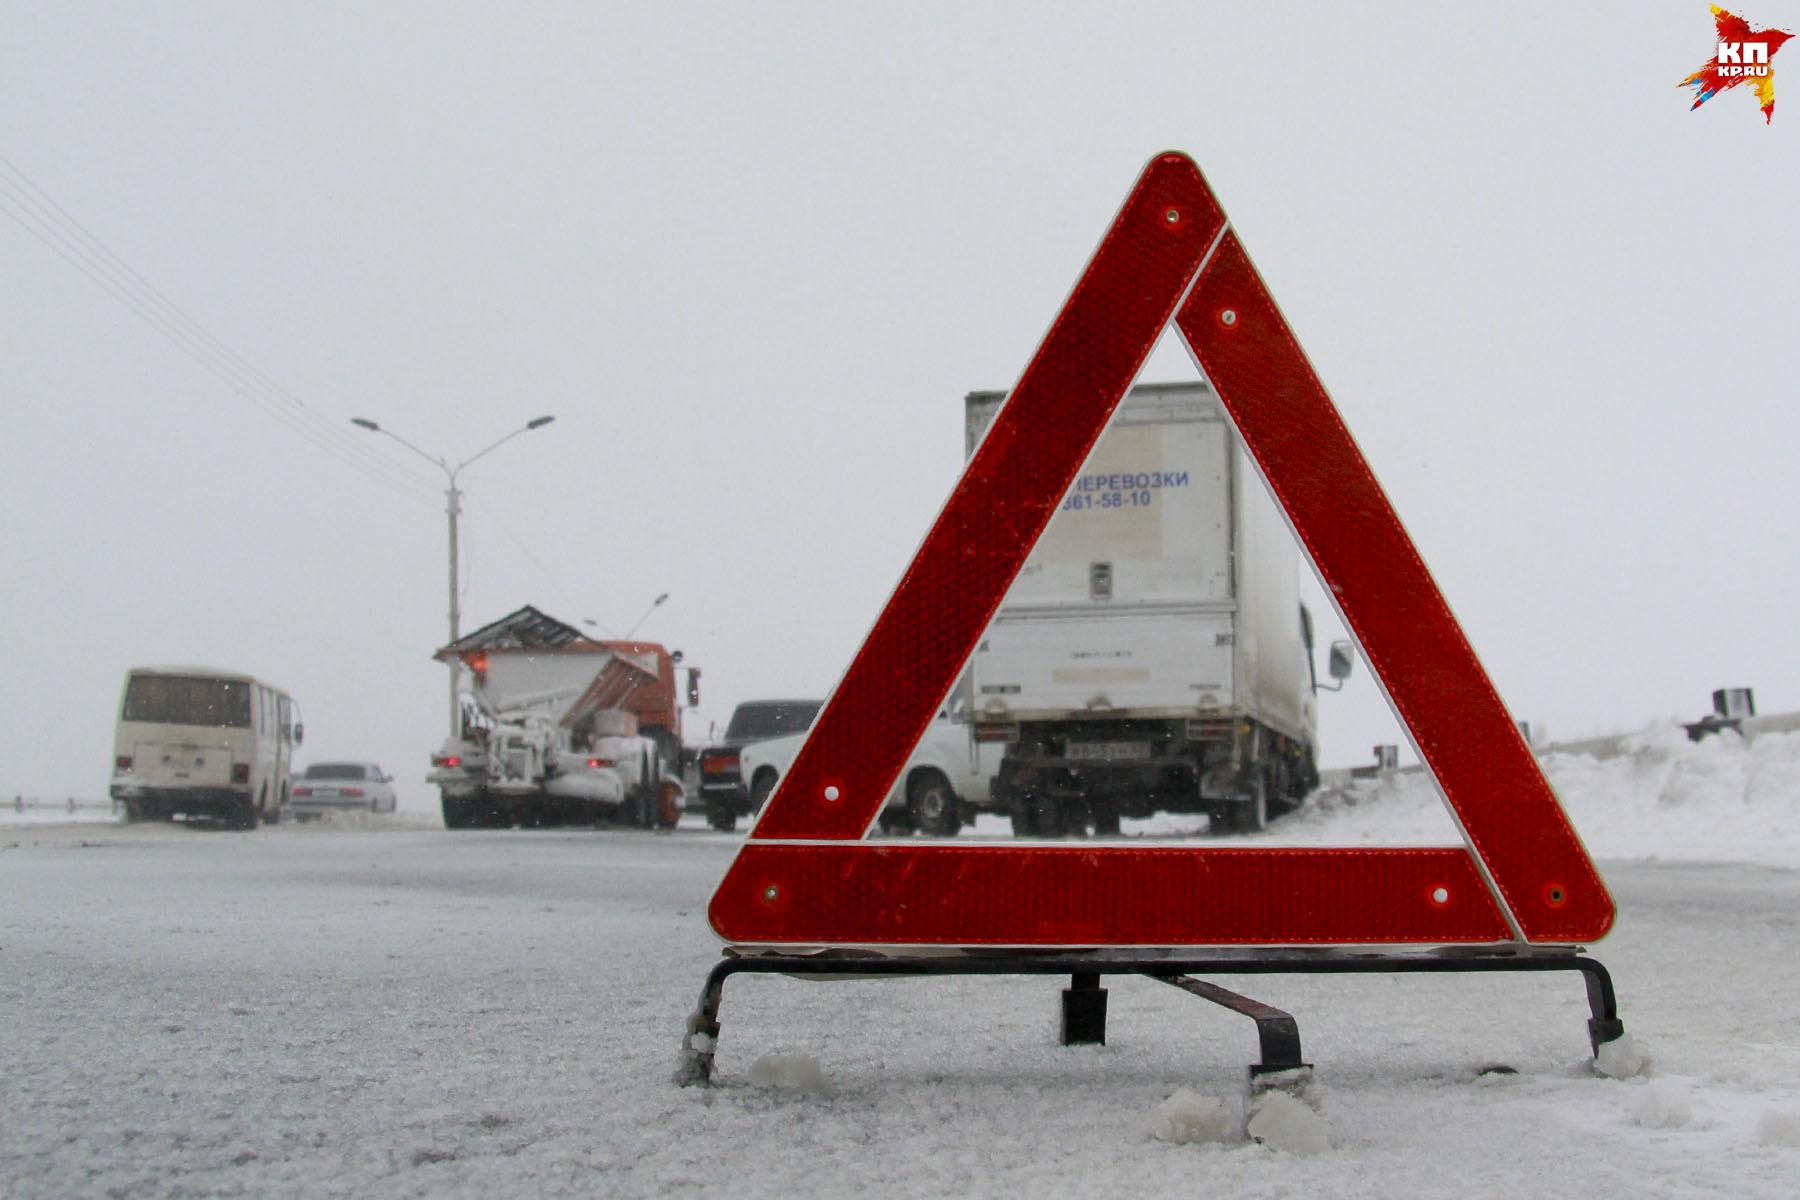 ВОмске наКрасноярском тракте случилось массовое ДТП, трое доставлены вбольницу